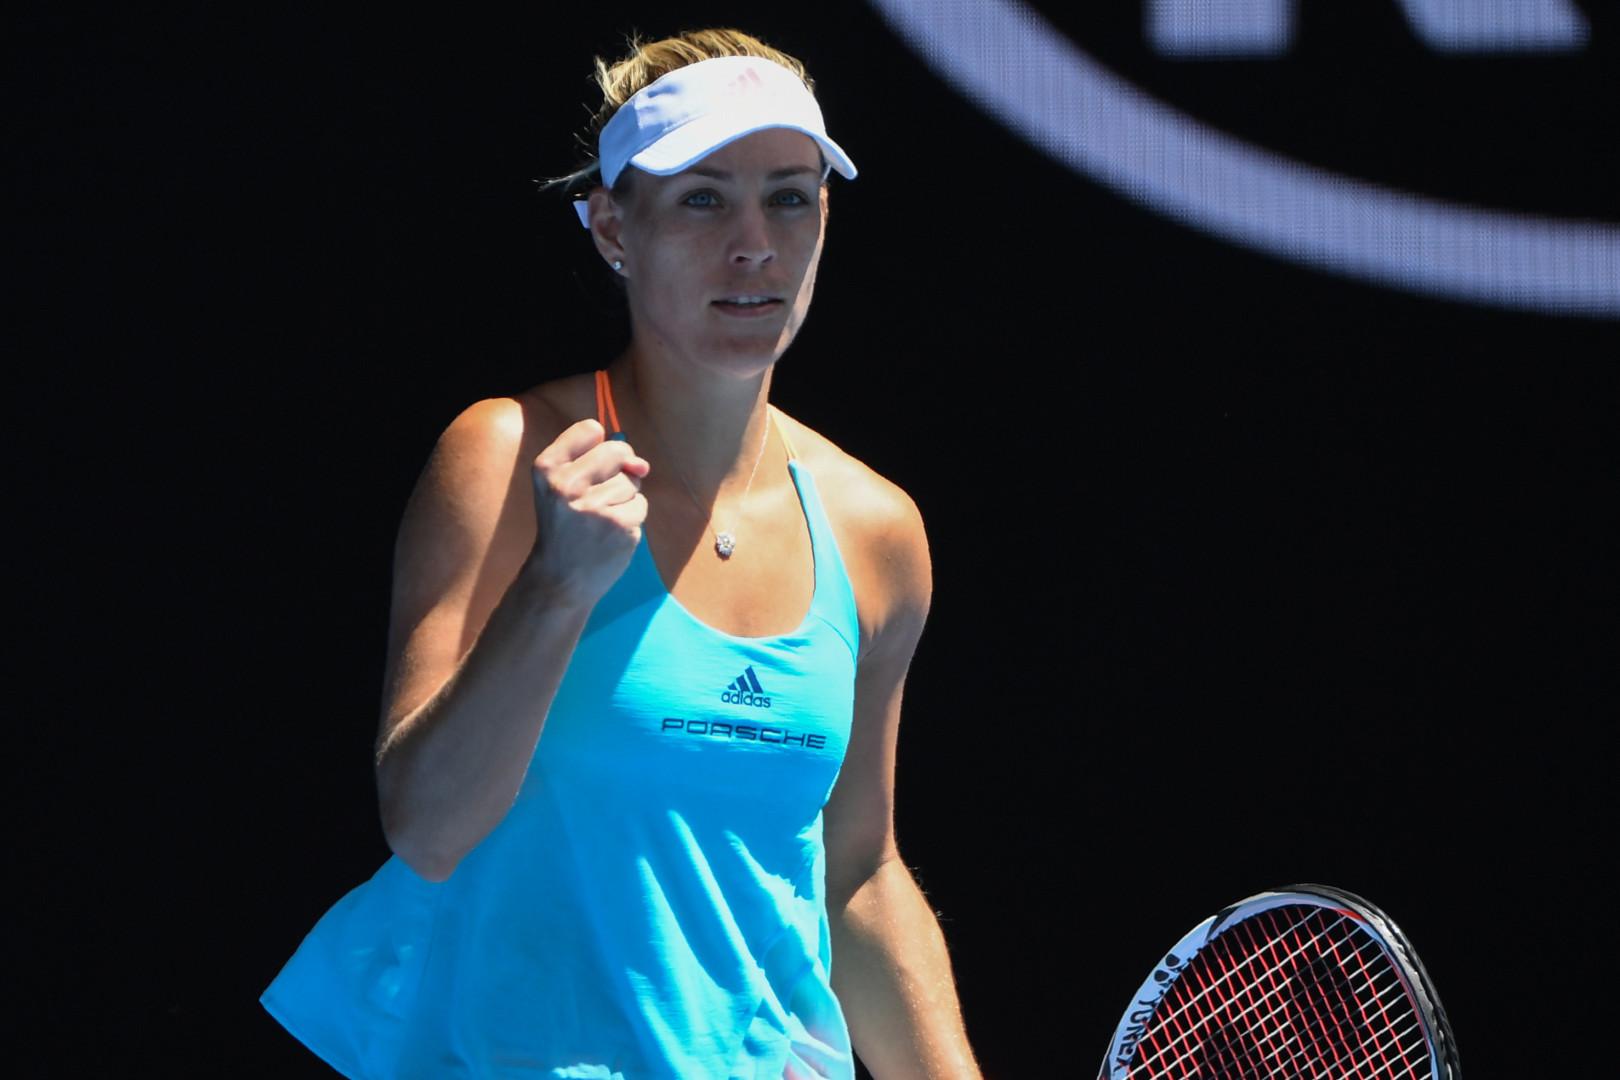 L'Allemande Angelique Kerber arrive à Roland-Garros avec le statut de numéro 1 mondiale.